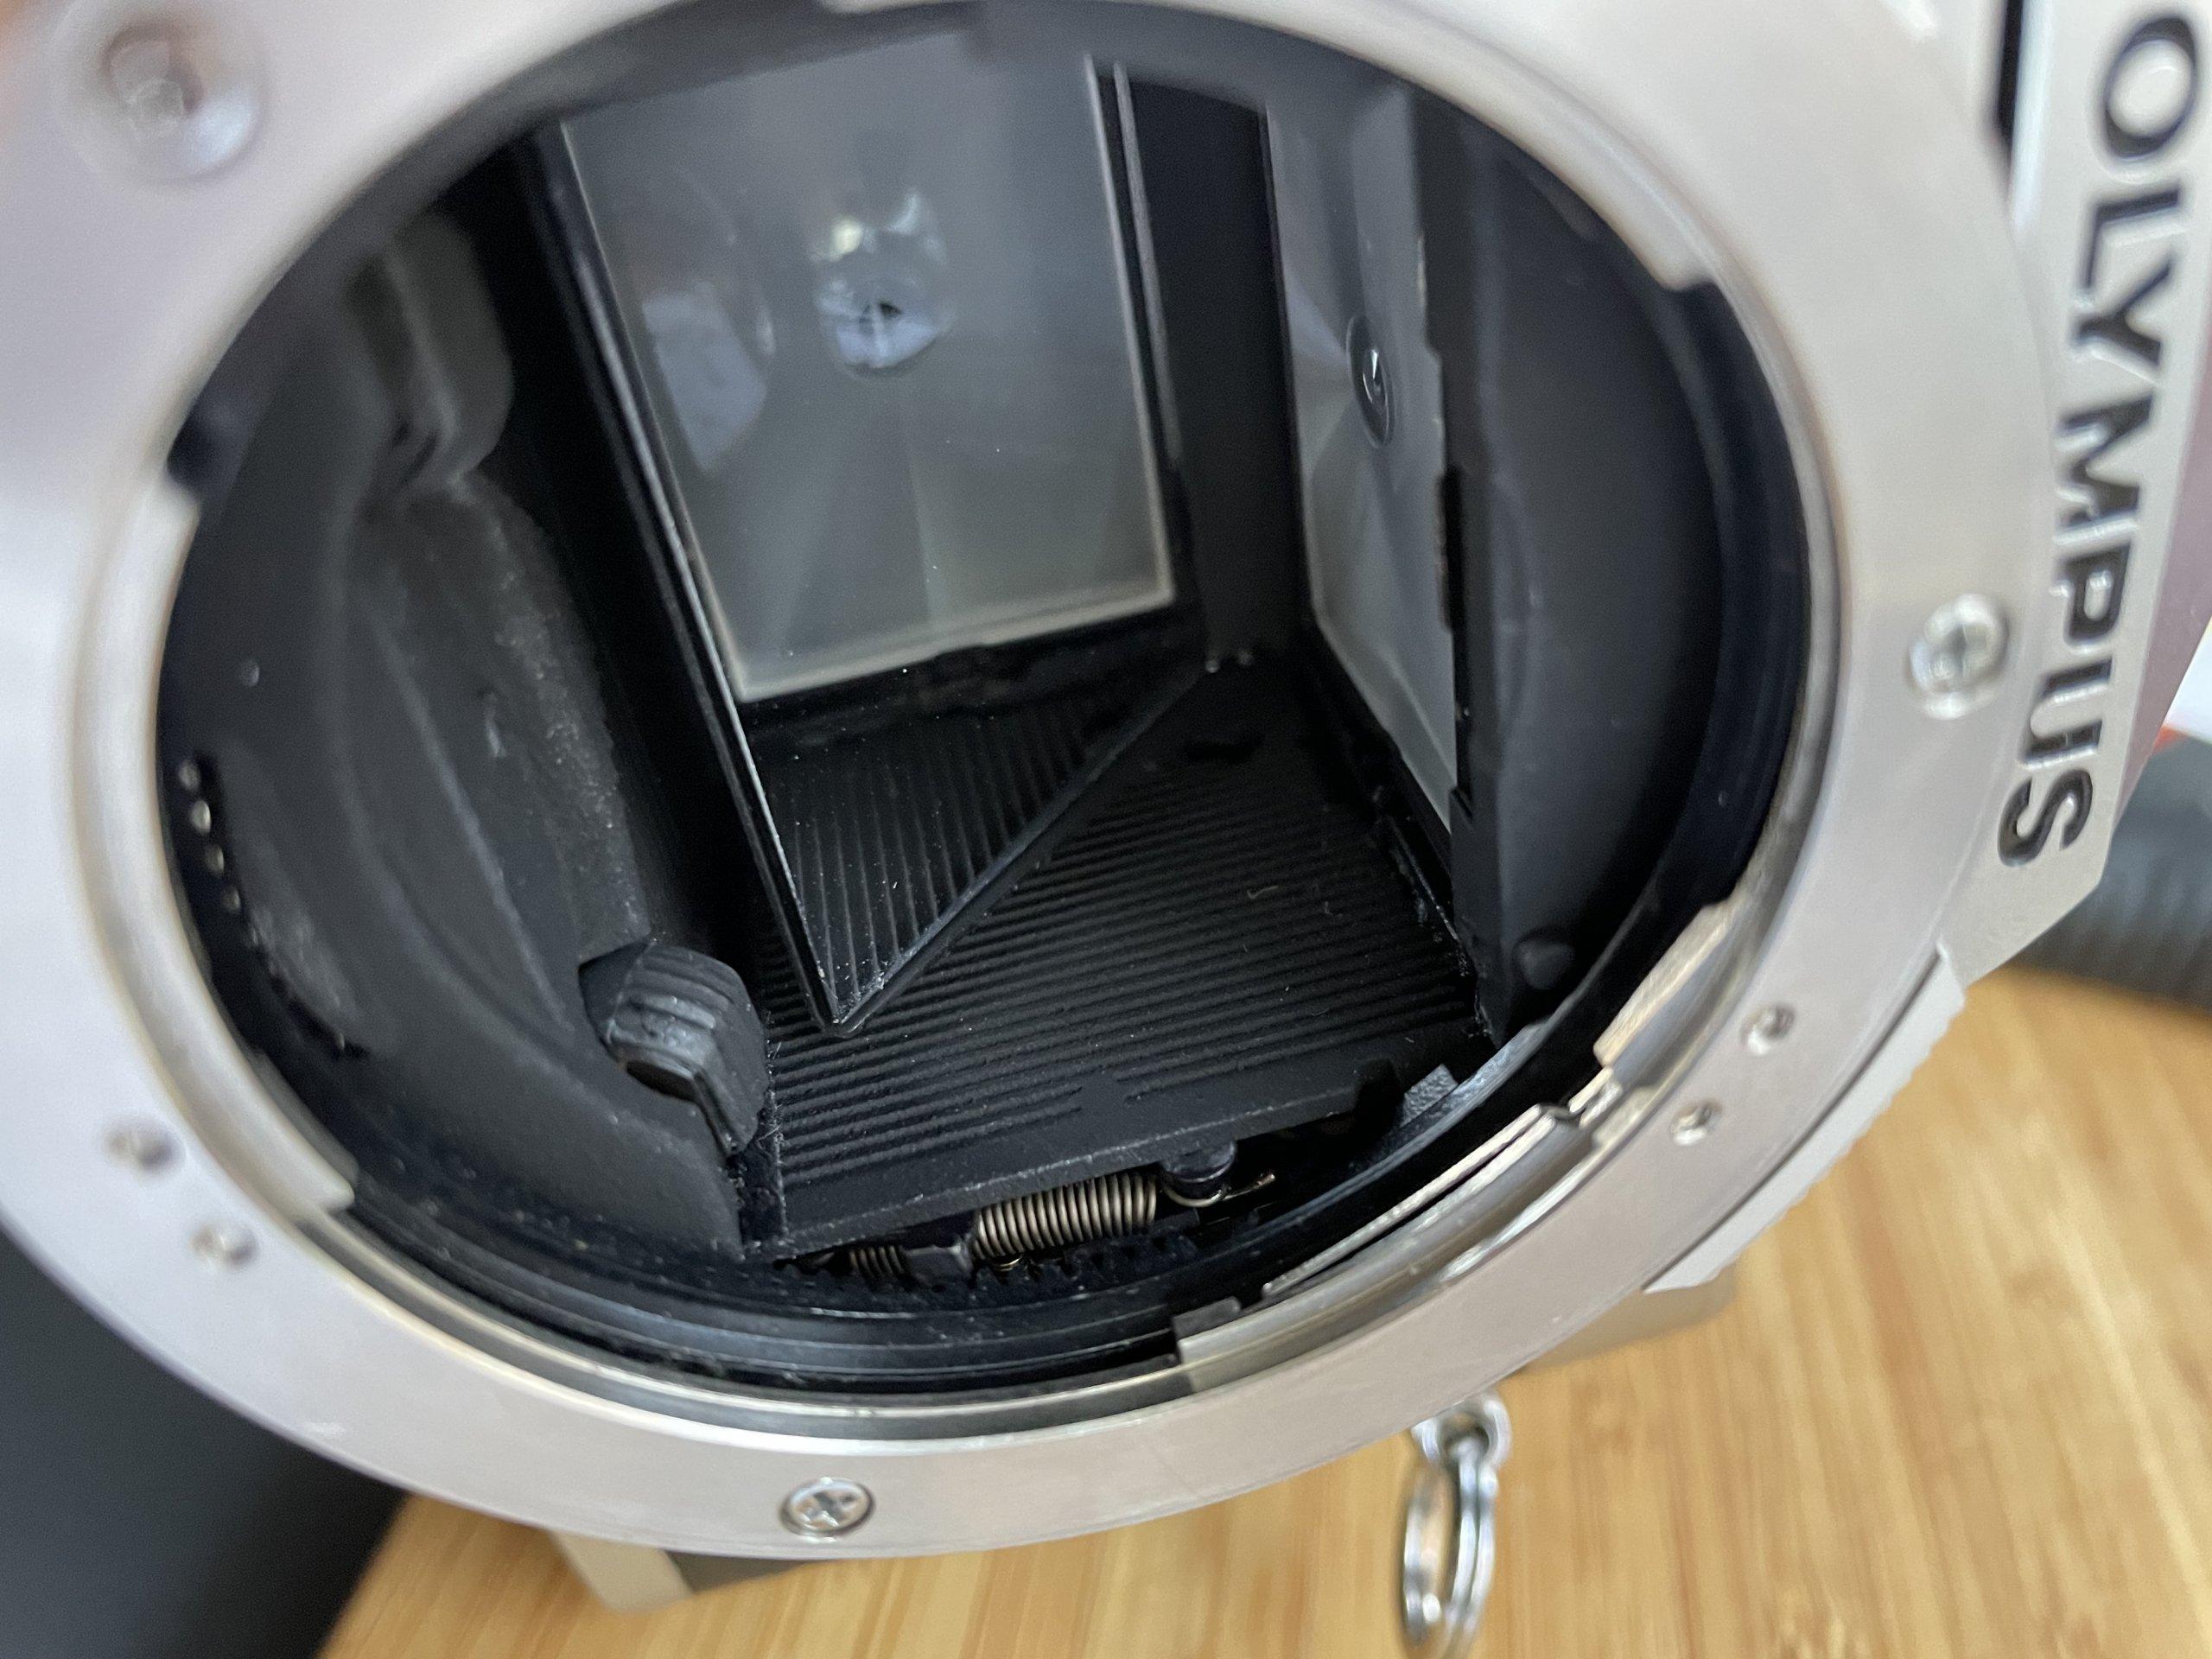 Inside the Olympus OM-2n camera's mirror mechanism.